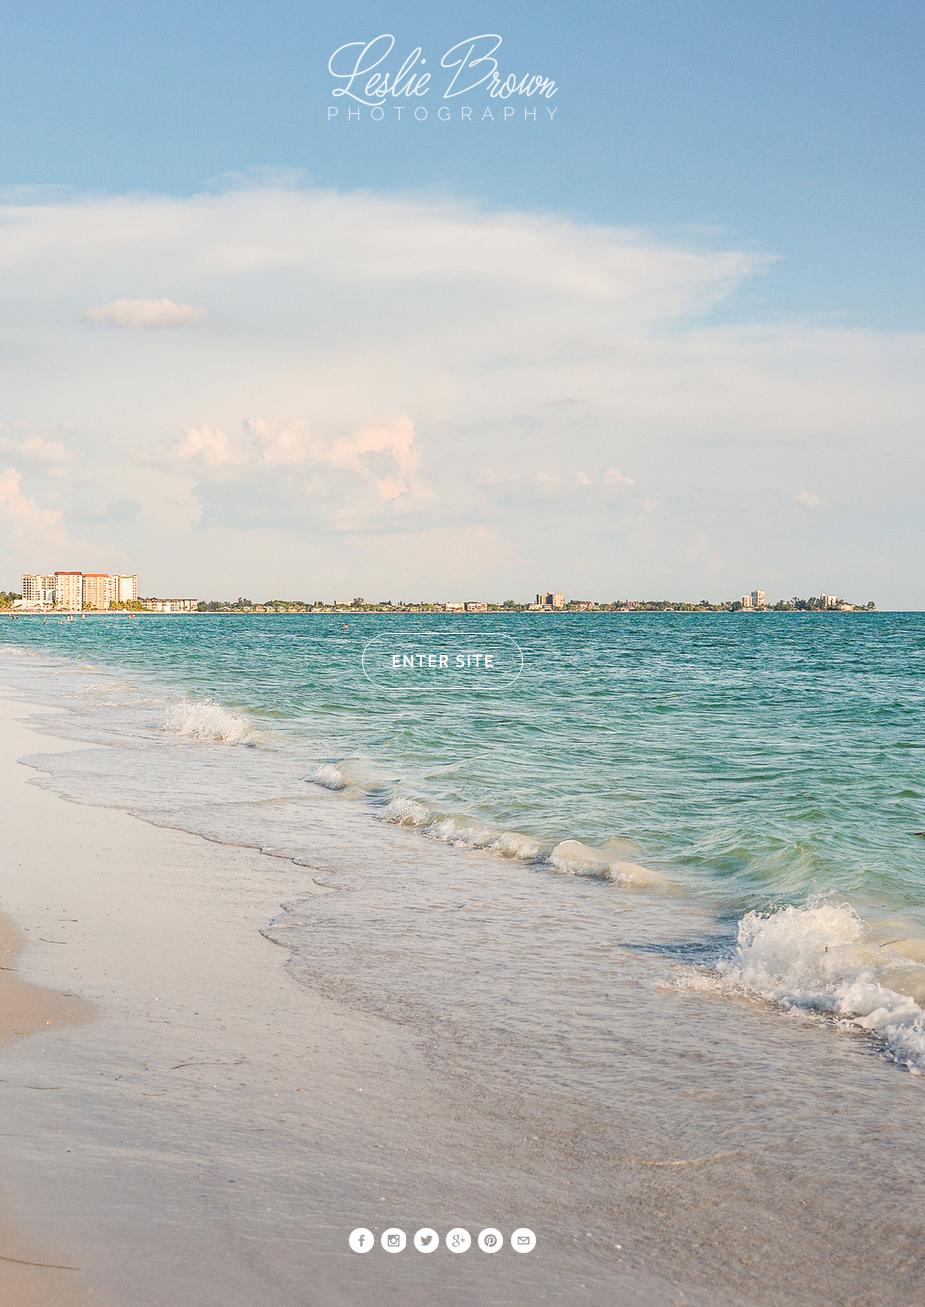 Pastel Beach - Leslie Brown